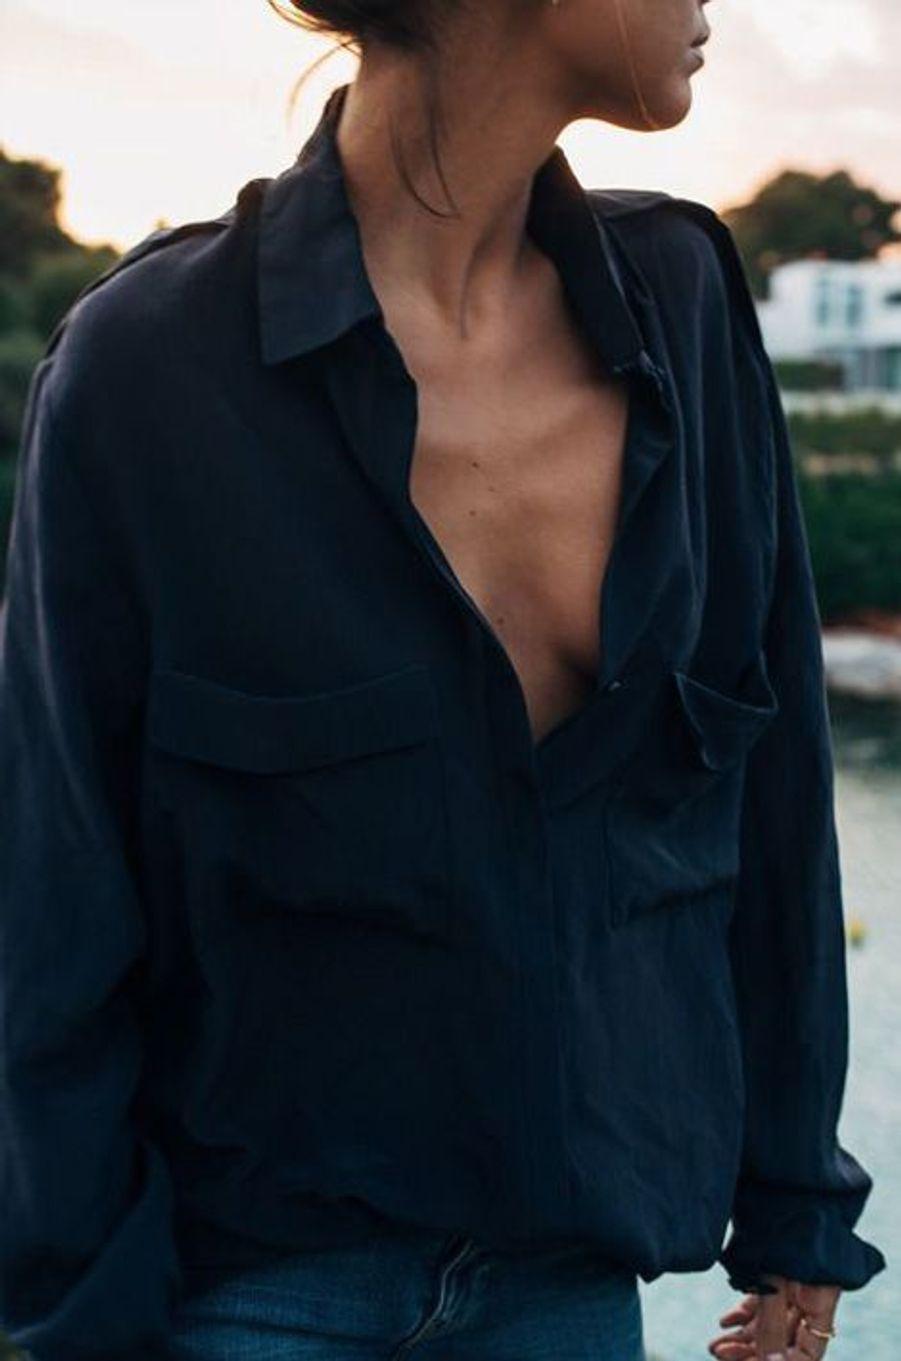 Il n'est pas obligatoire d'investir dans une nouvelle chemise, faites un petit tour dans la garde-robe de votre boyfriend pour une allure chic mais décontractée.